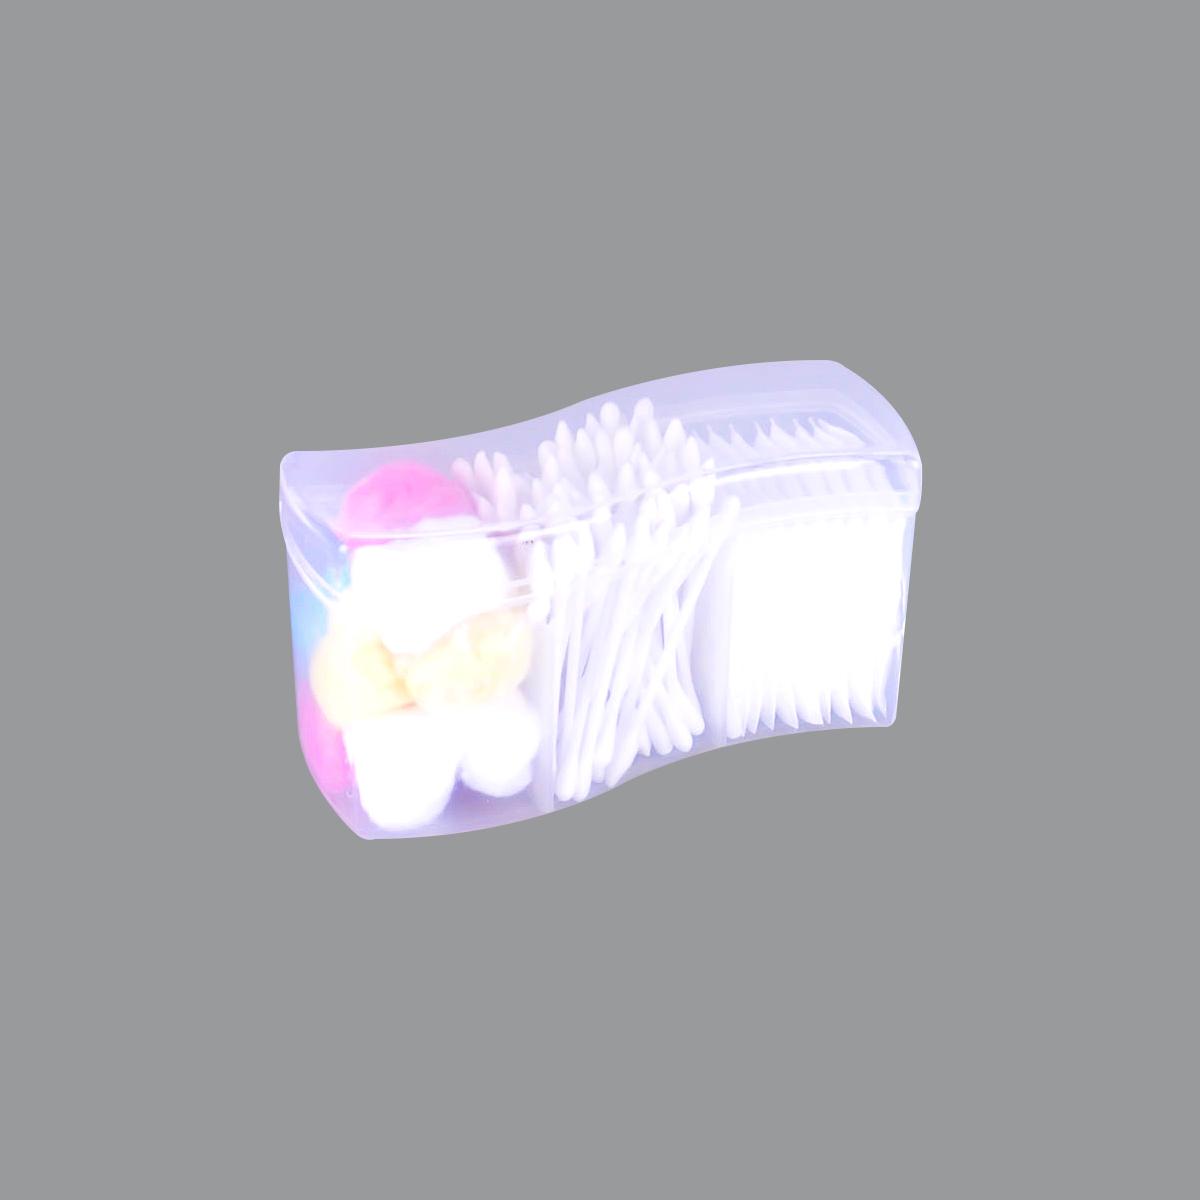 اعواد قطن للاذن بلاستيك +قطن مربعات علبة 3*1